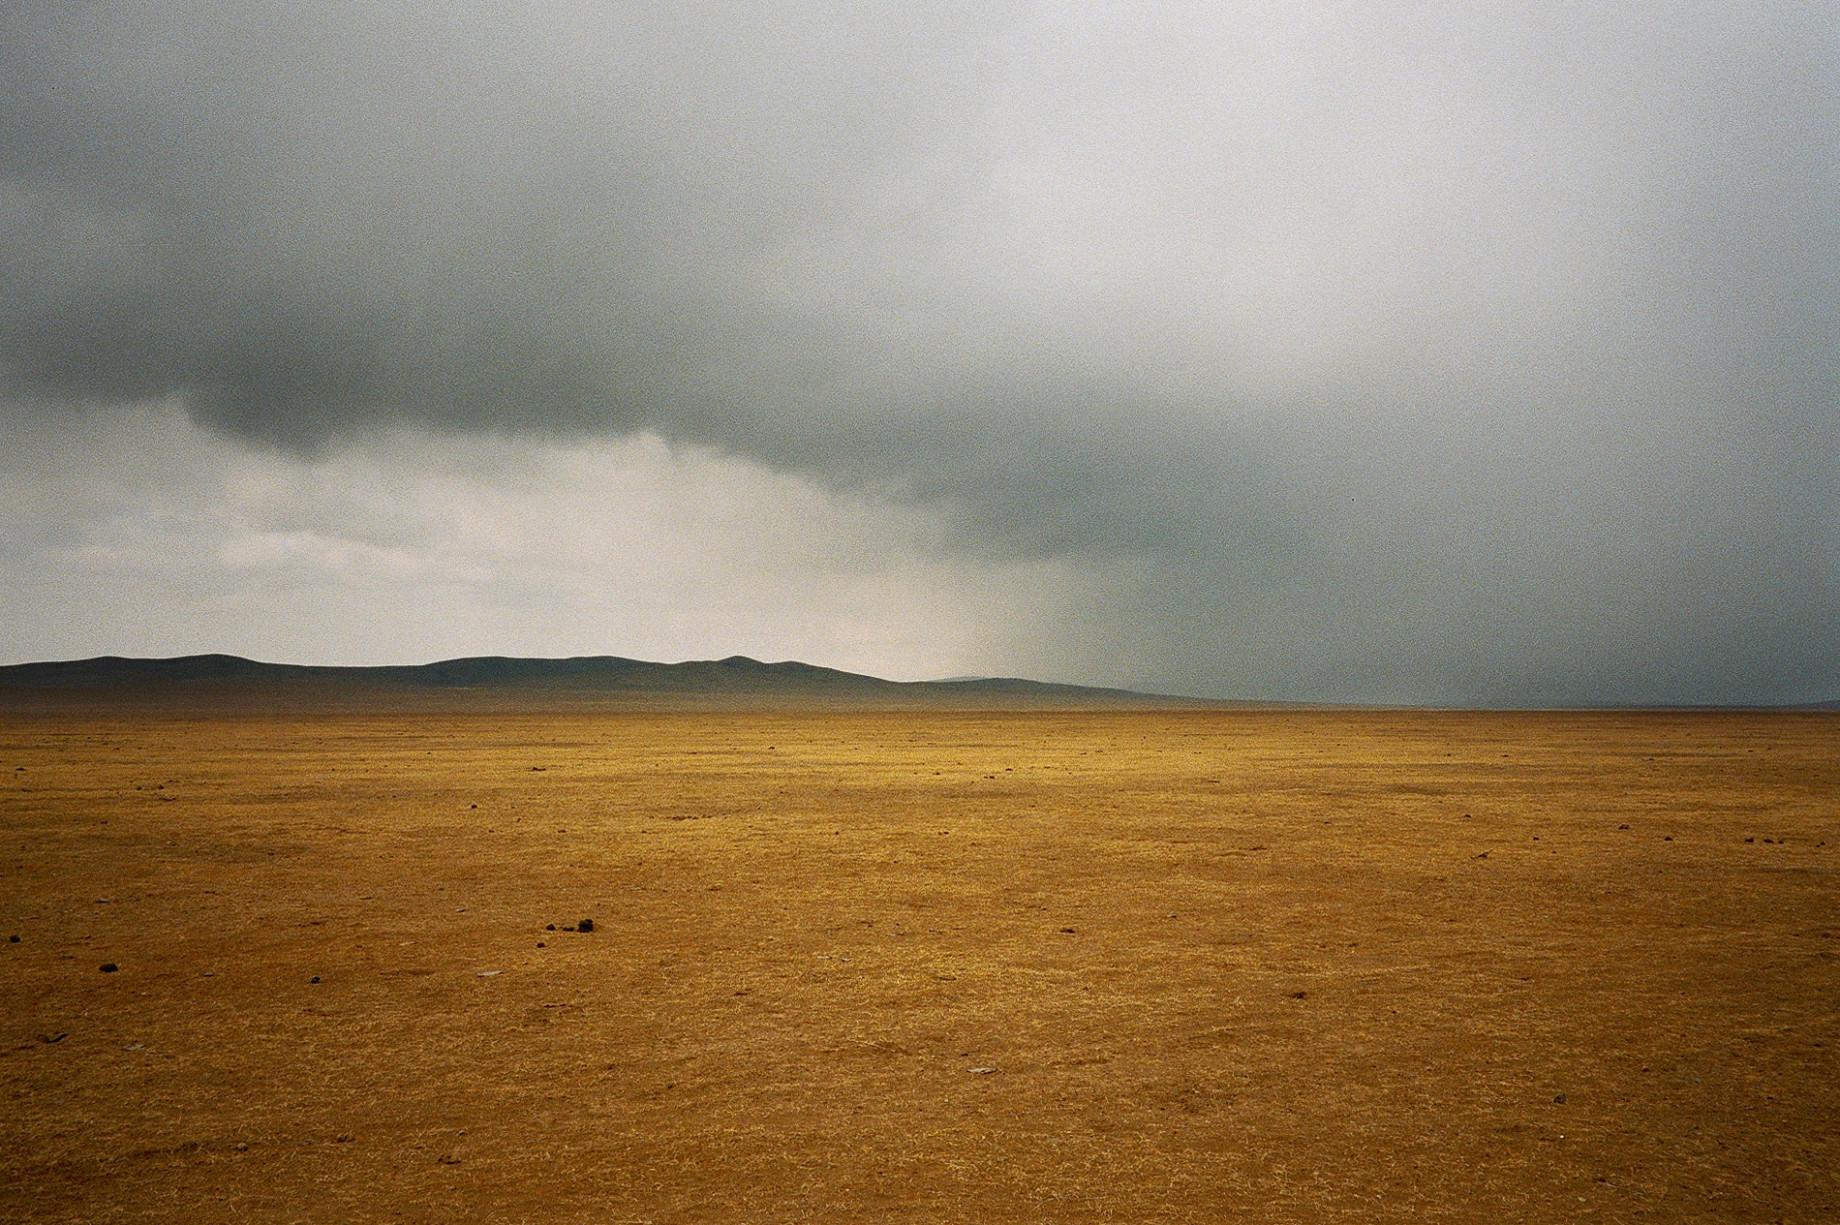 simonweller-mongolia-gobistorm